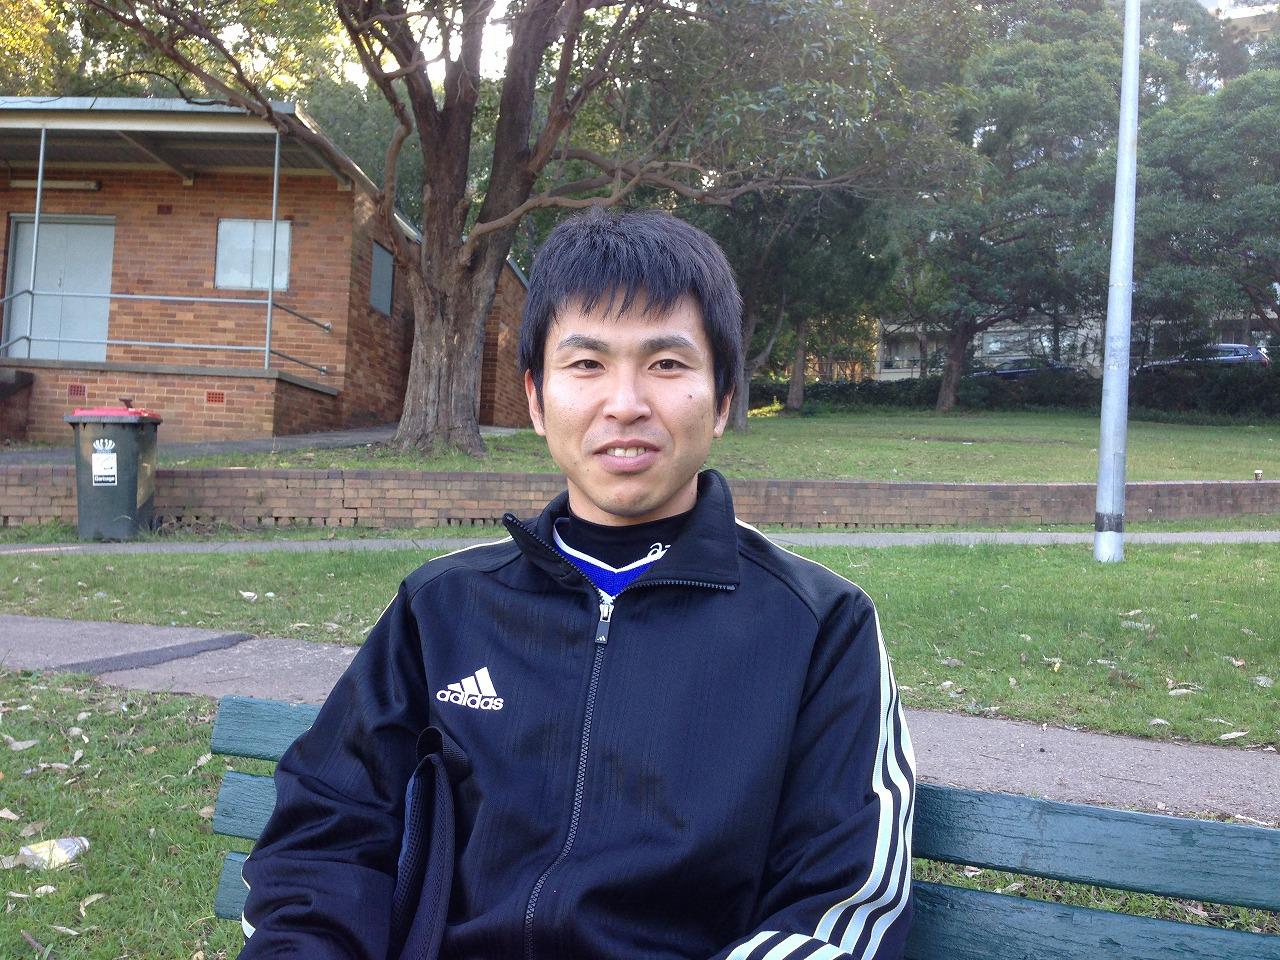 オーストラリアサッカー留学・篠塚雄一郎